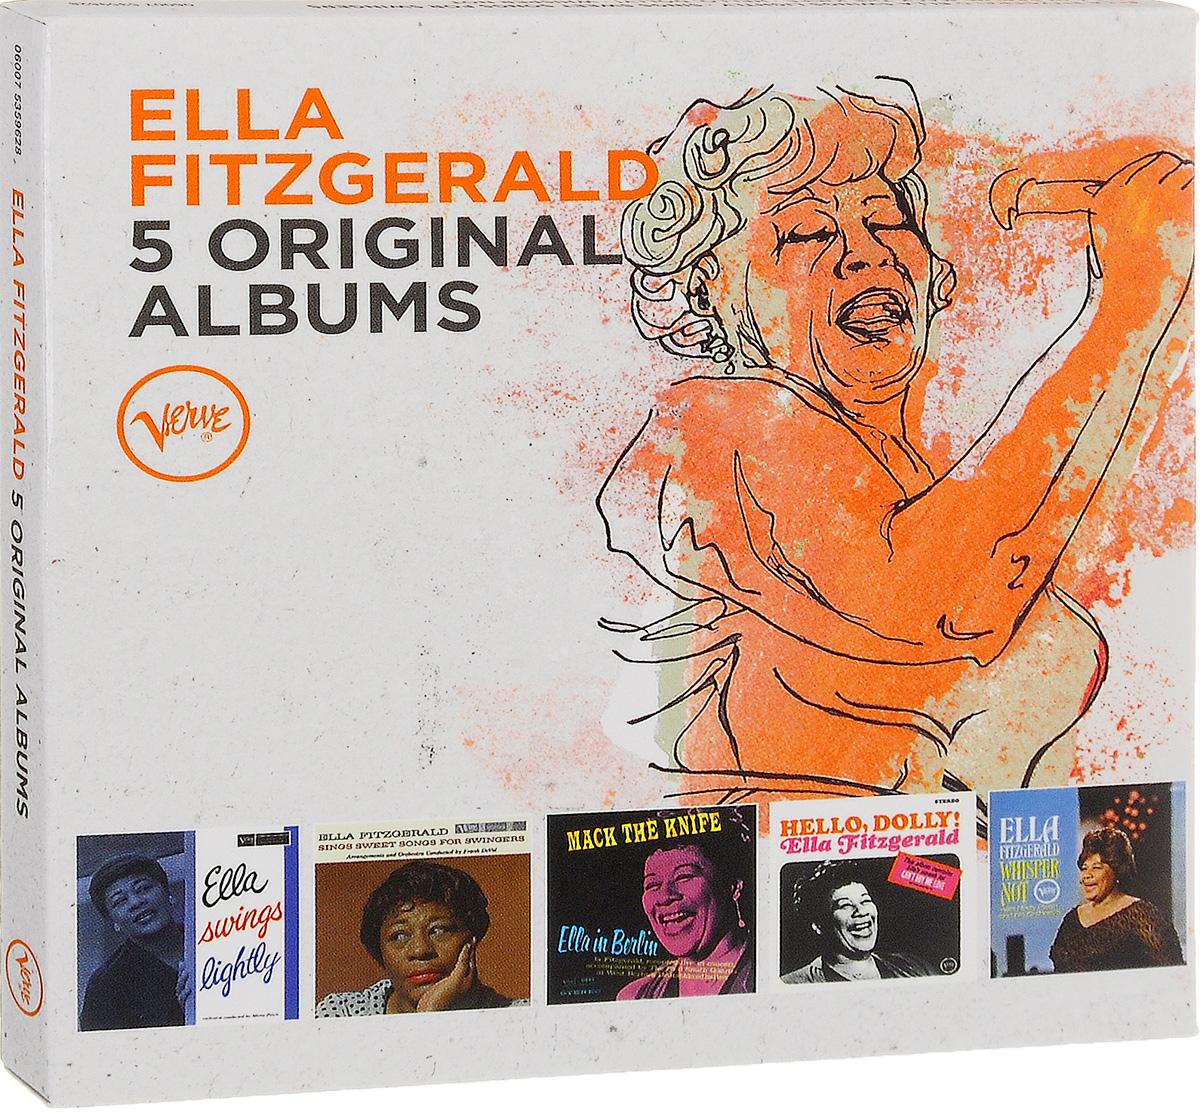 цена Элла Фитцжеральд Ella Fitzgerald. 5 Original Albums (5 CD) в интернет-магазинах